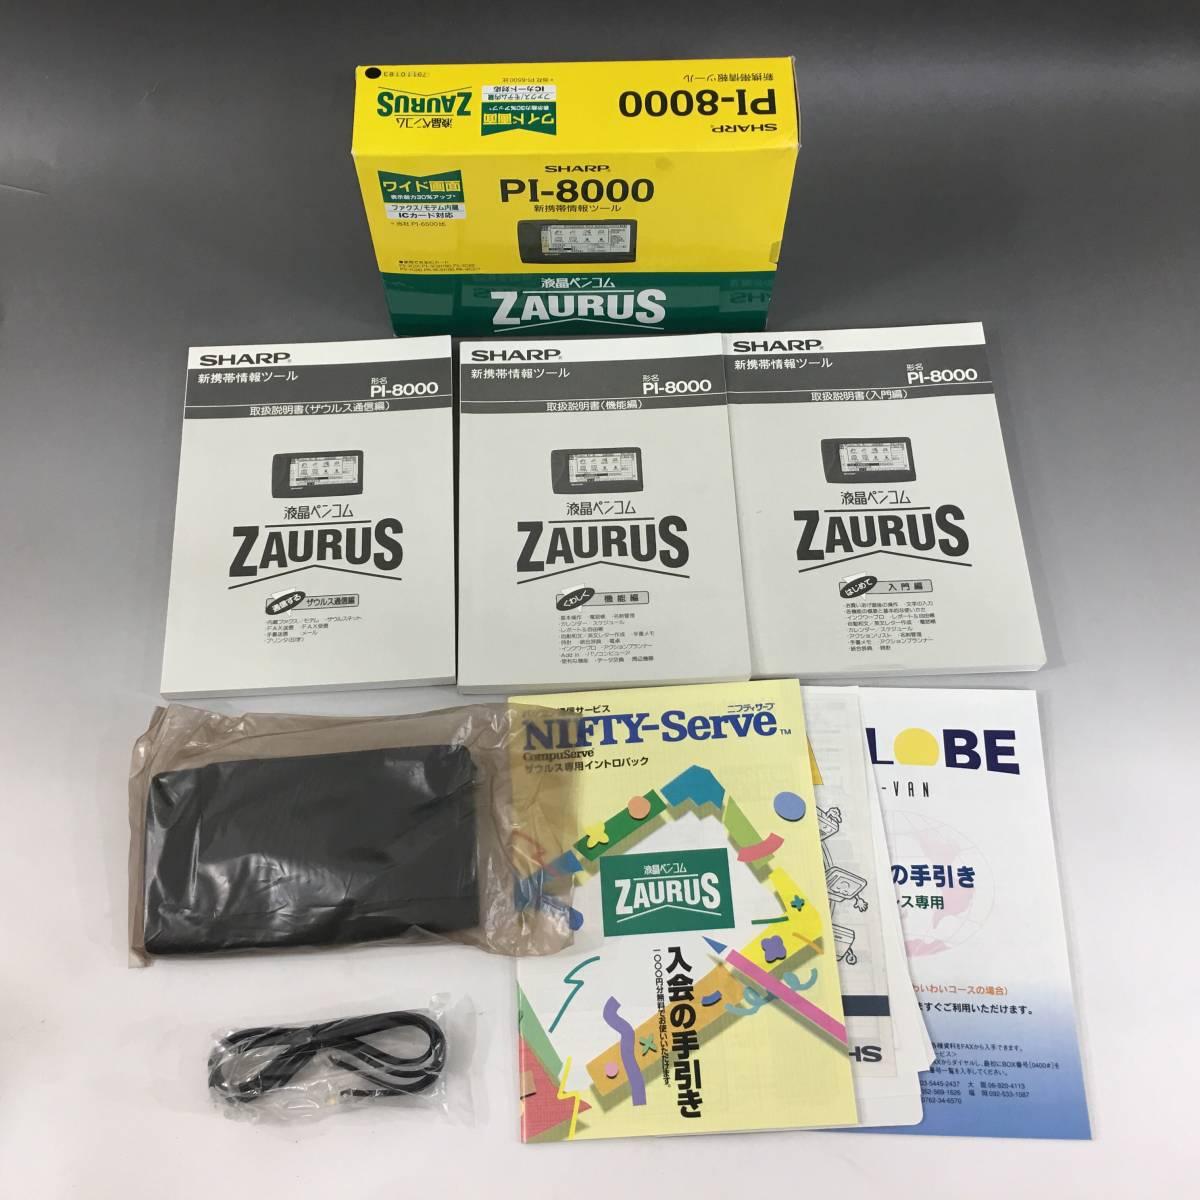 TK07/67 SHARP PI-8000 ザウルス 液晶ペンコム シャープ ZAURUS 新携帯情報ツール ※液晶に問題あり ジャンク品_画像2